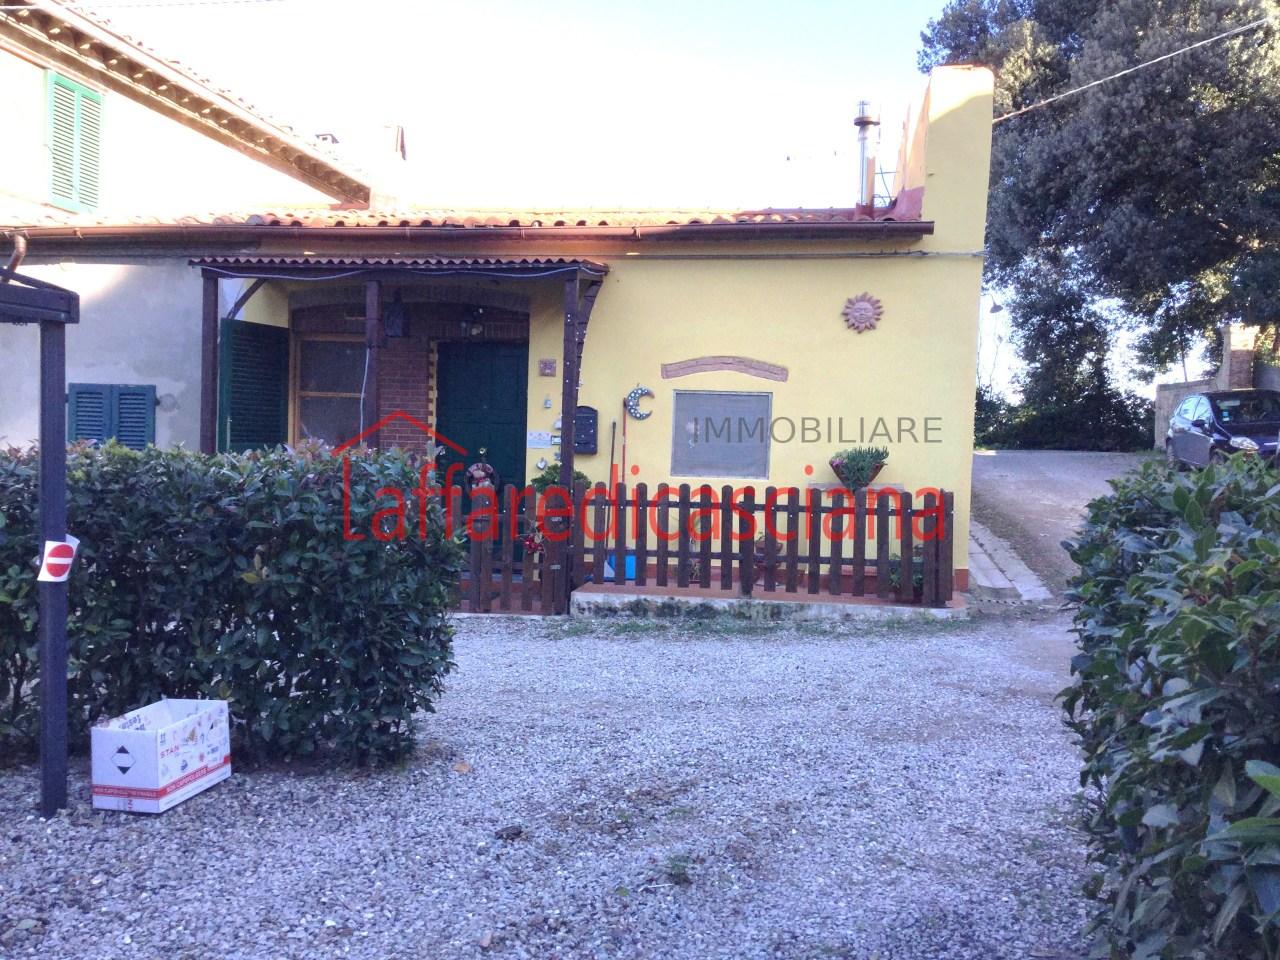 Appartamento in vendita a Casciana Terme Lari, 3 locali, prezzo € 130.000 | Cambio Casa.it